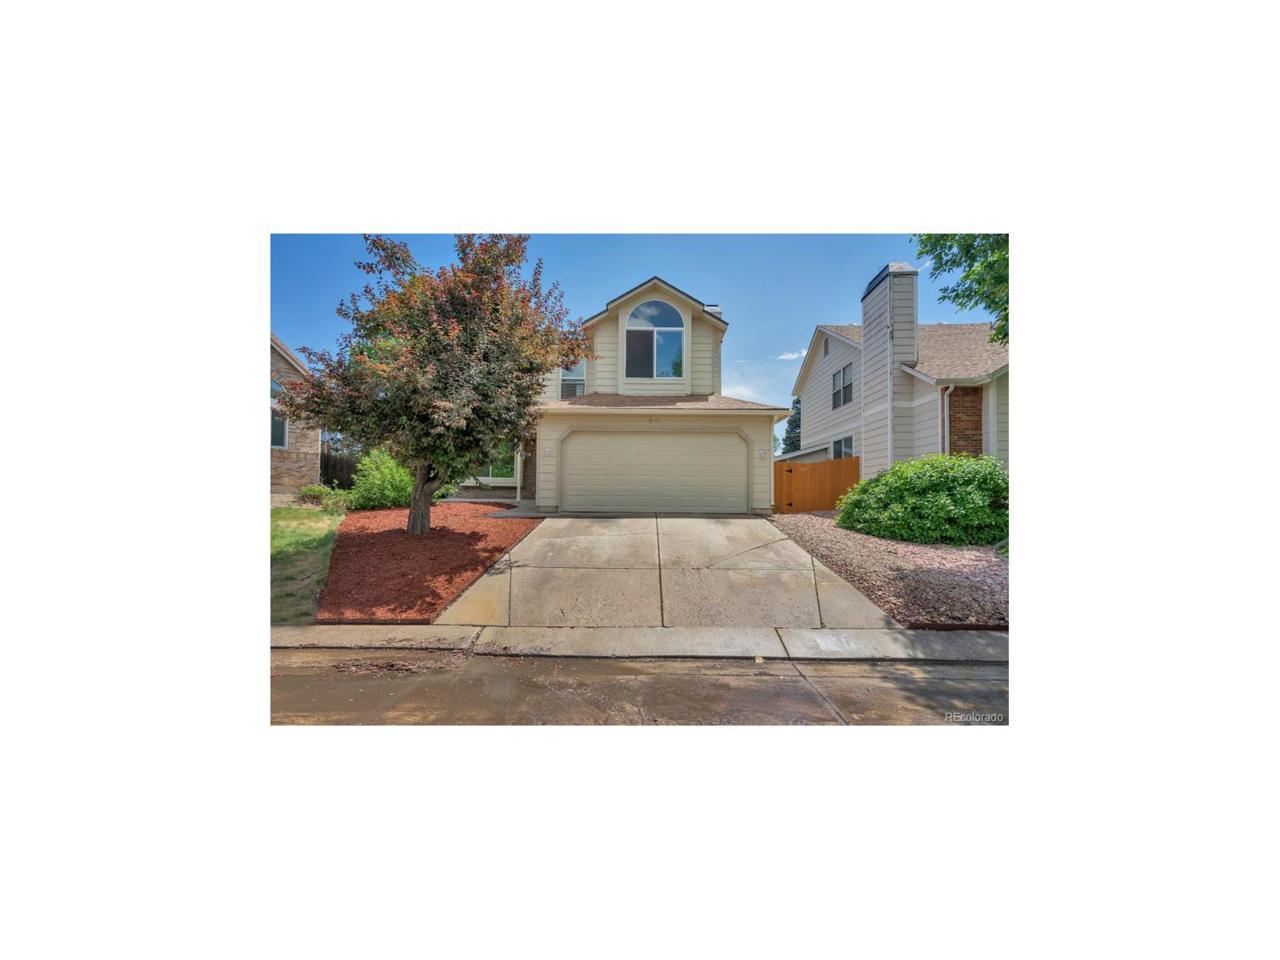 9040 W Arizona Drive, Lakewood, CO 80232 (MLS #3102050) :: 8z Real Estate